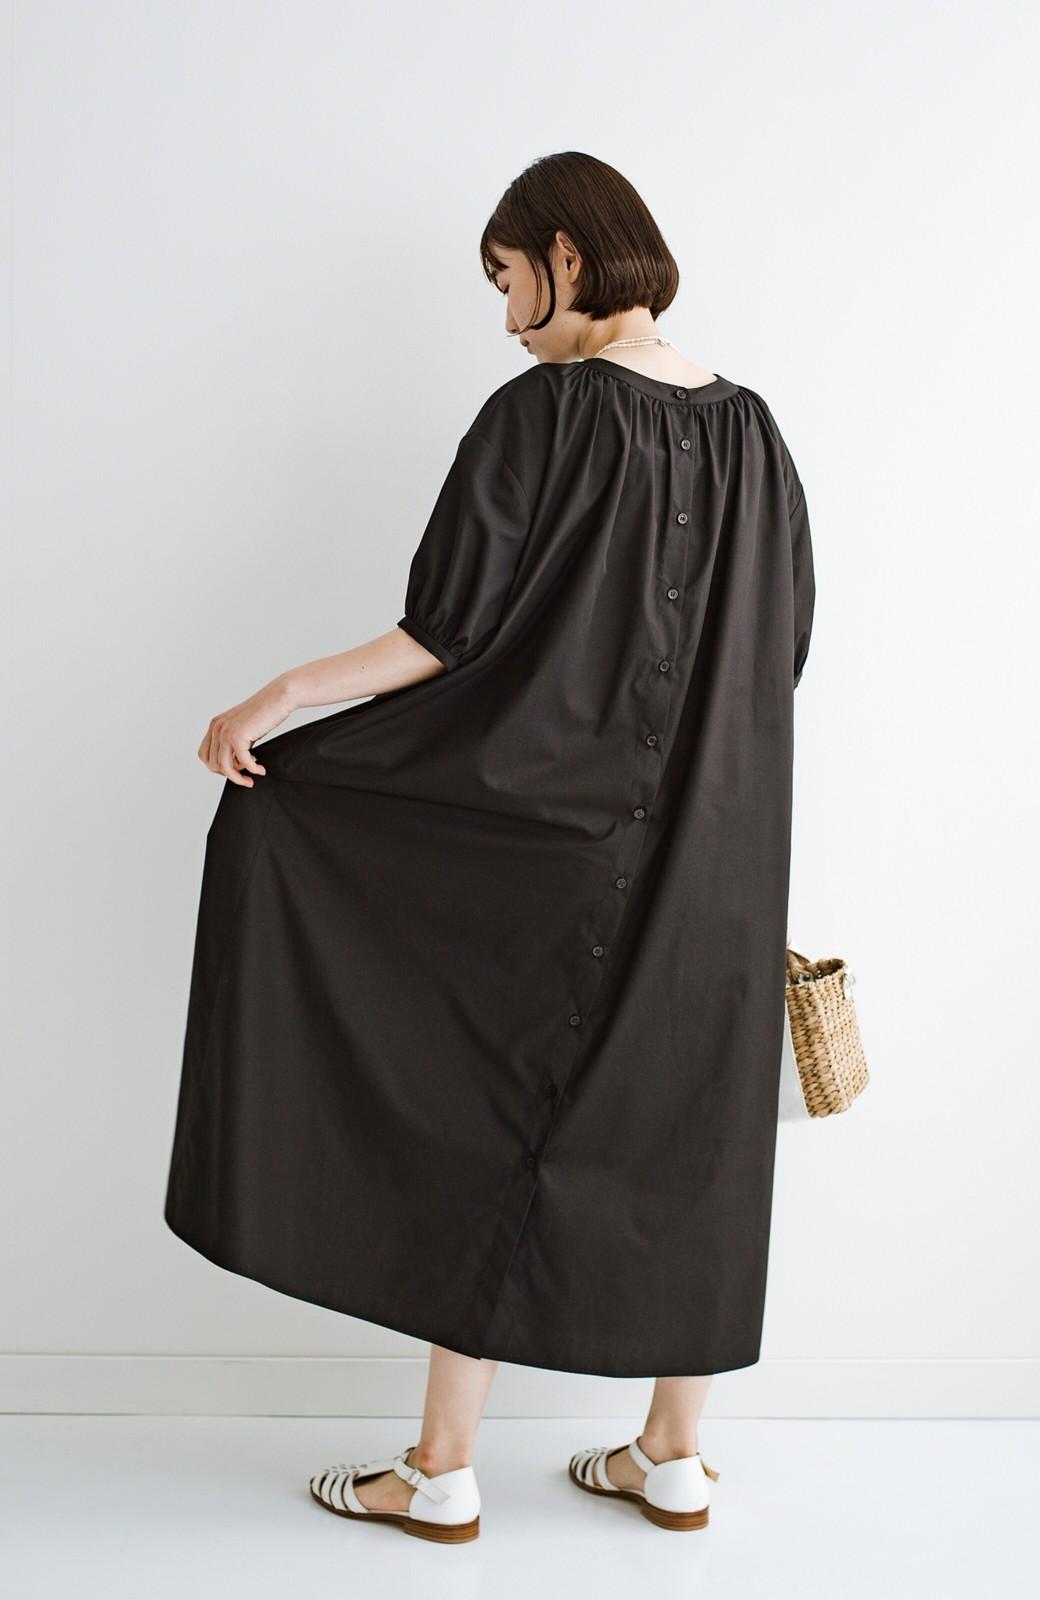 haco! 前後で着られて羽織りとしても便利! いつものパンツに重ねて着まわし上手になれるシャツワンピースby who made me <ブラック>の商品写真41